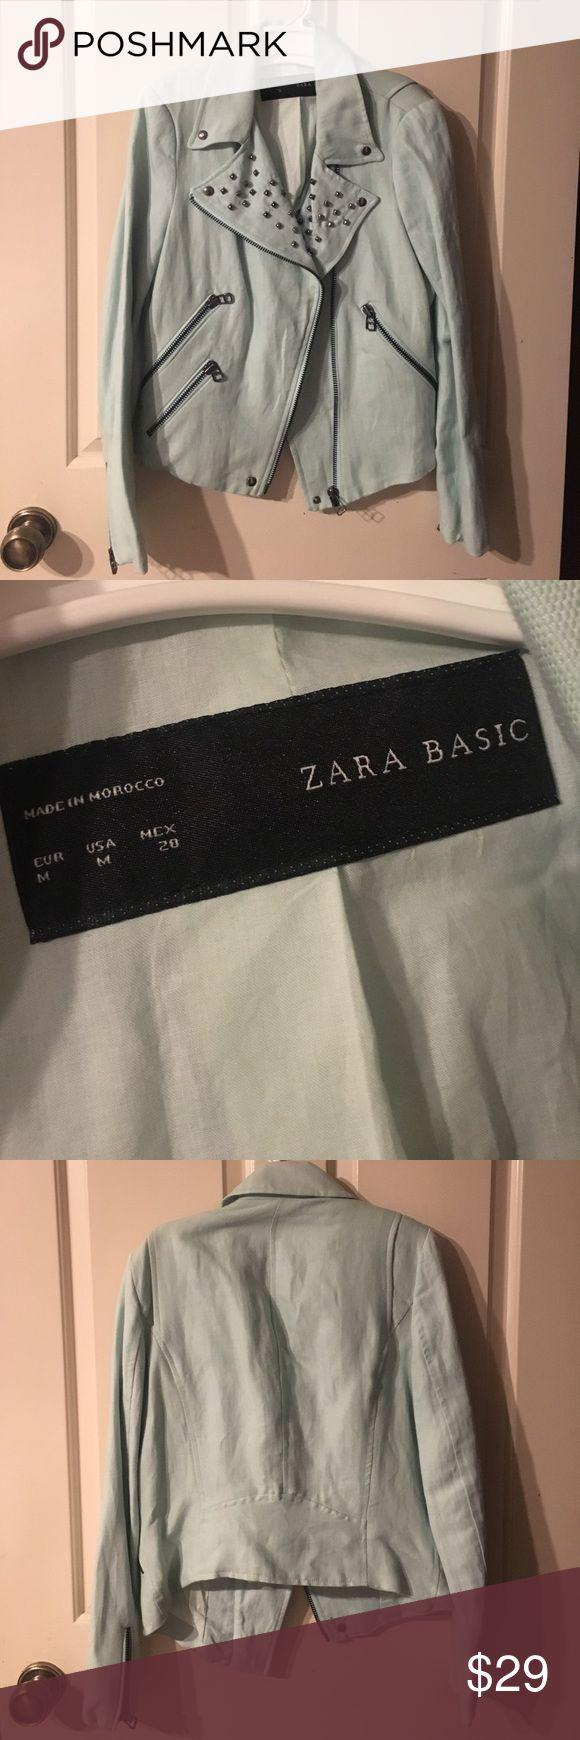 Zara jacket Baby blue Zara jacket with studs and zipper detailing Zara Jackets & Coats Blazers